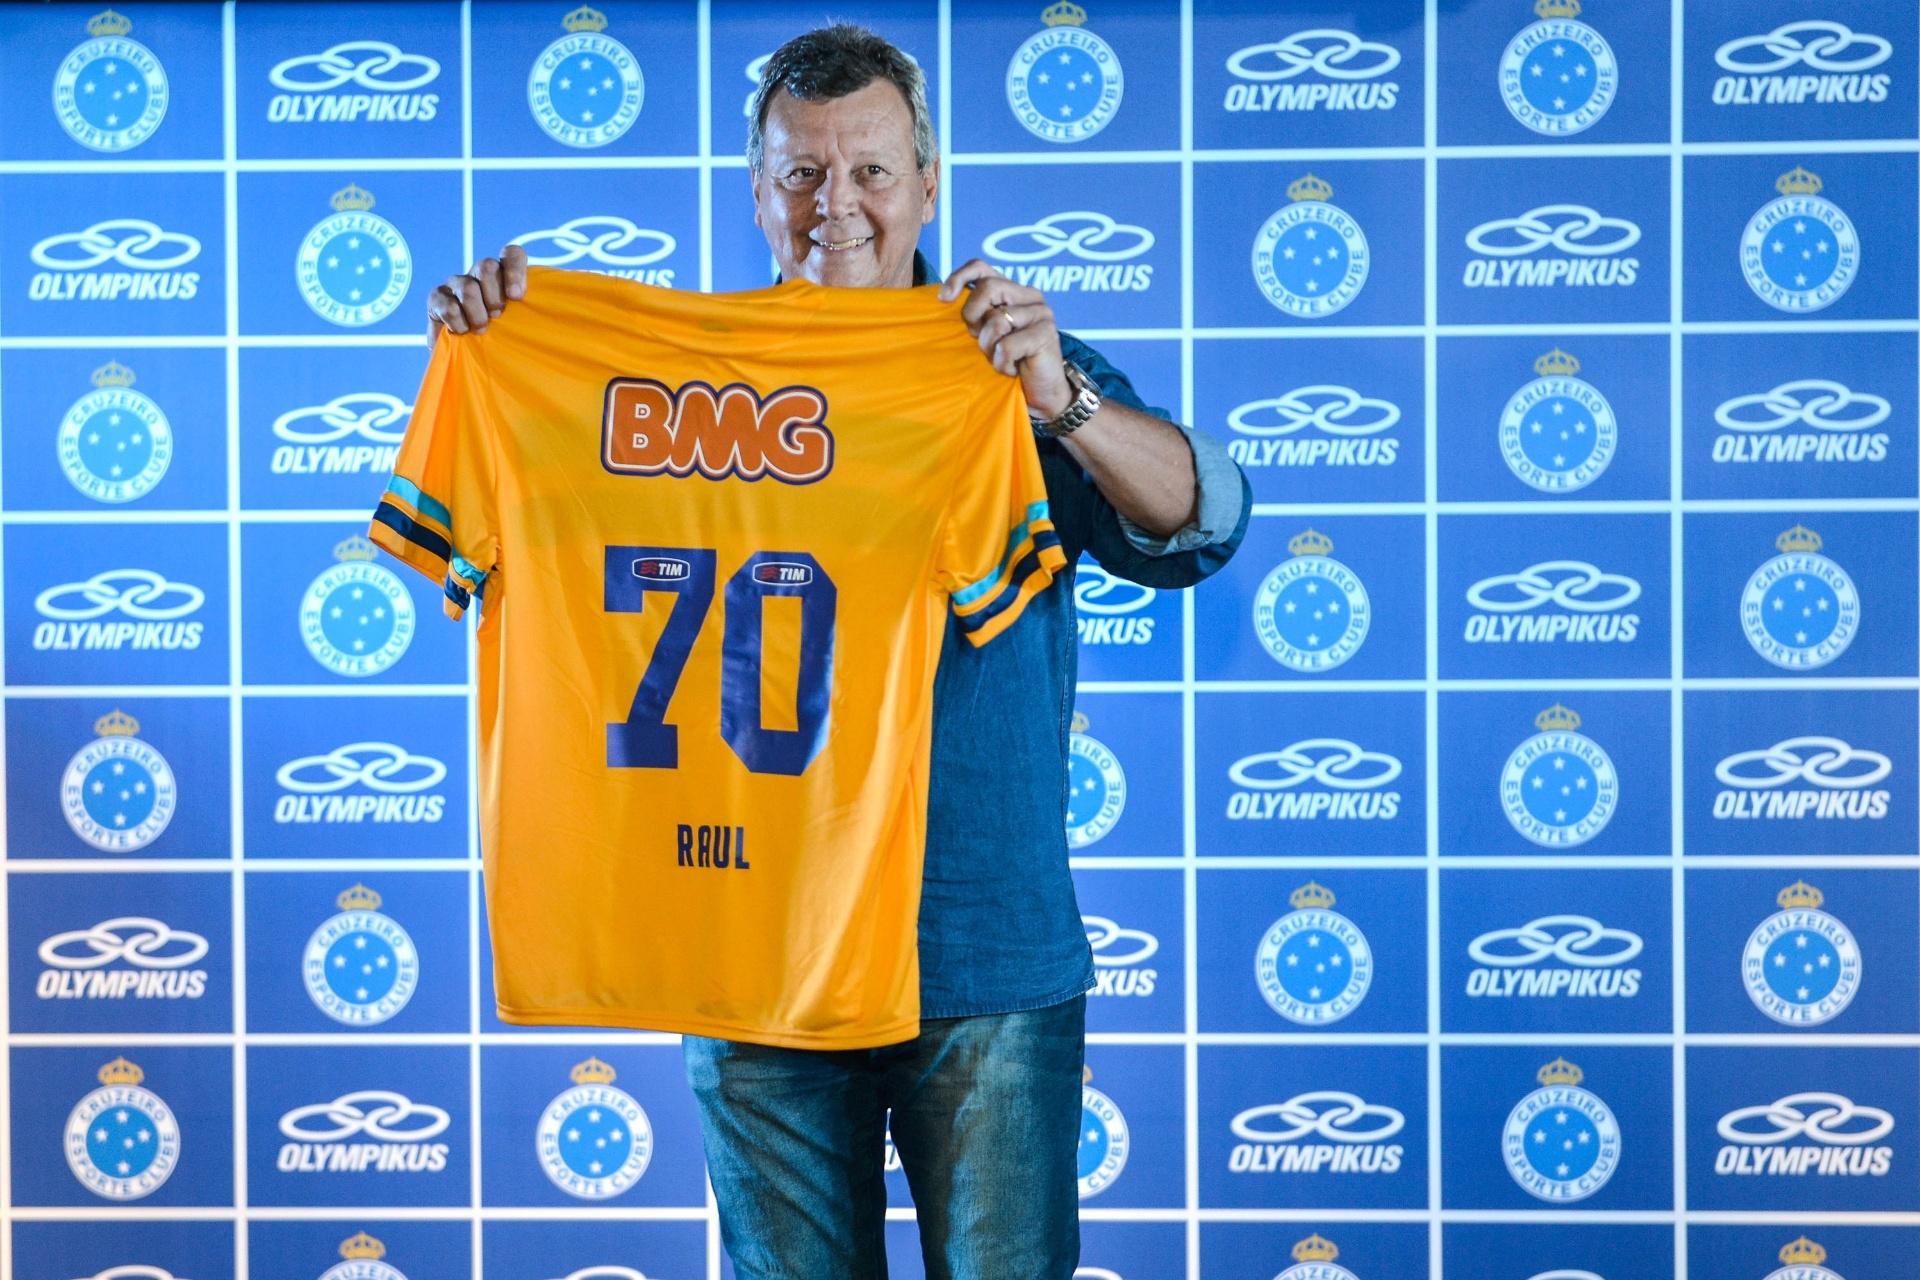 aac0e43cab Cruzeiro lança uniformes no Mineirão e faz homenagem a ex-goleiro Raul -  25 04 2014 - UOL Esporte